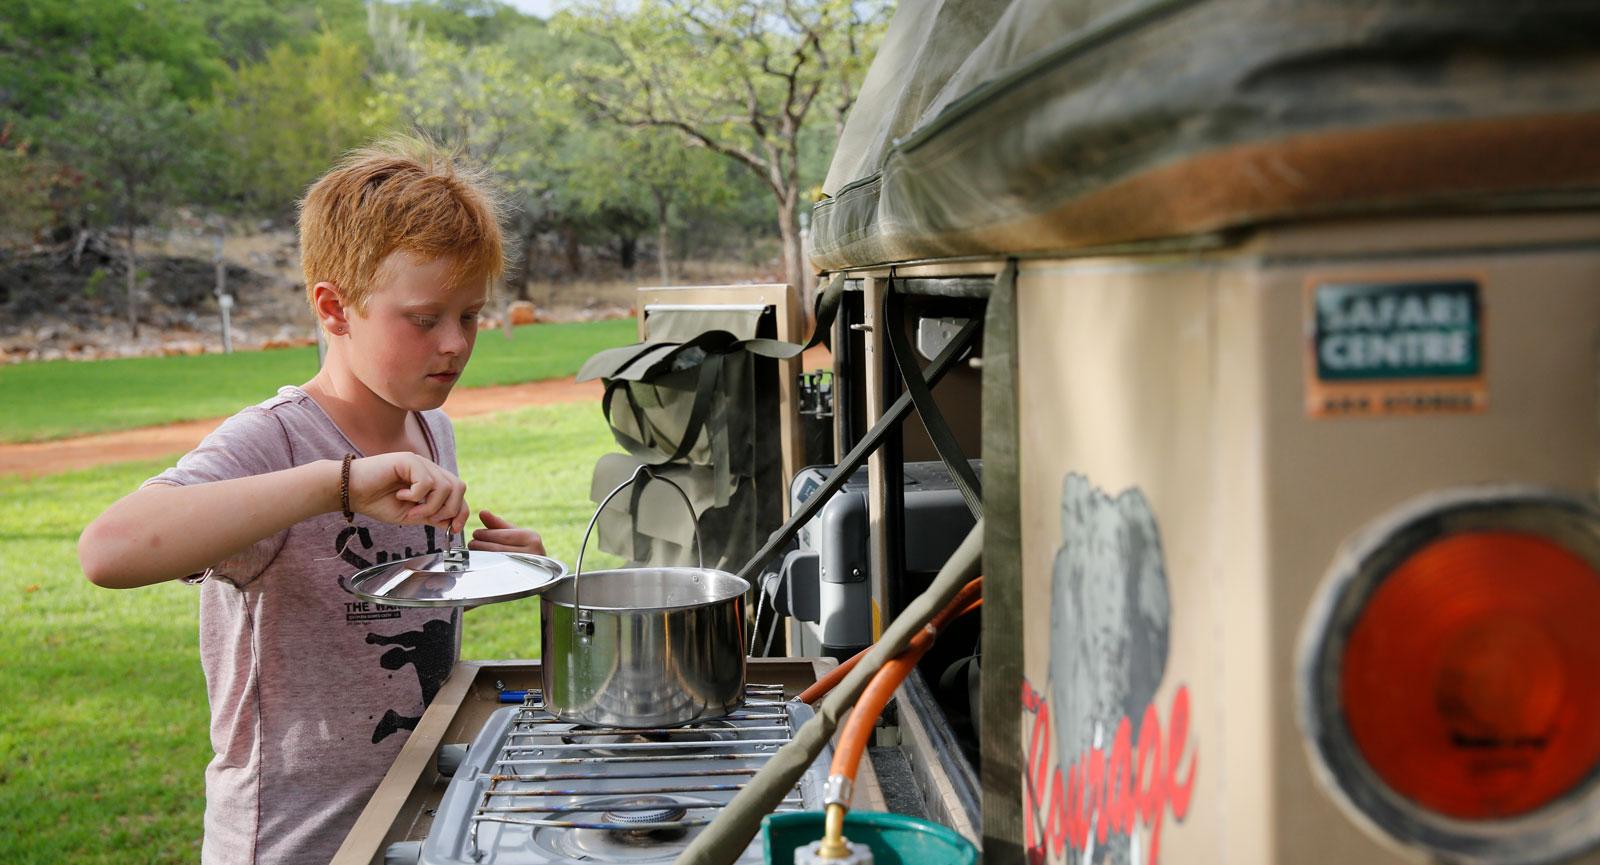 Trailerns kök fungerar utmärkt i värmen. Är solen besvärande kan man sätta upp en köksmarkis som ger skugga och eftertraktad svalka. Markisen är förstås också ett bra skydd om det regnar.